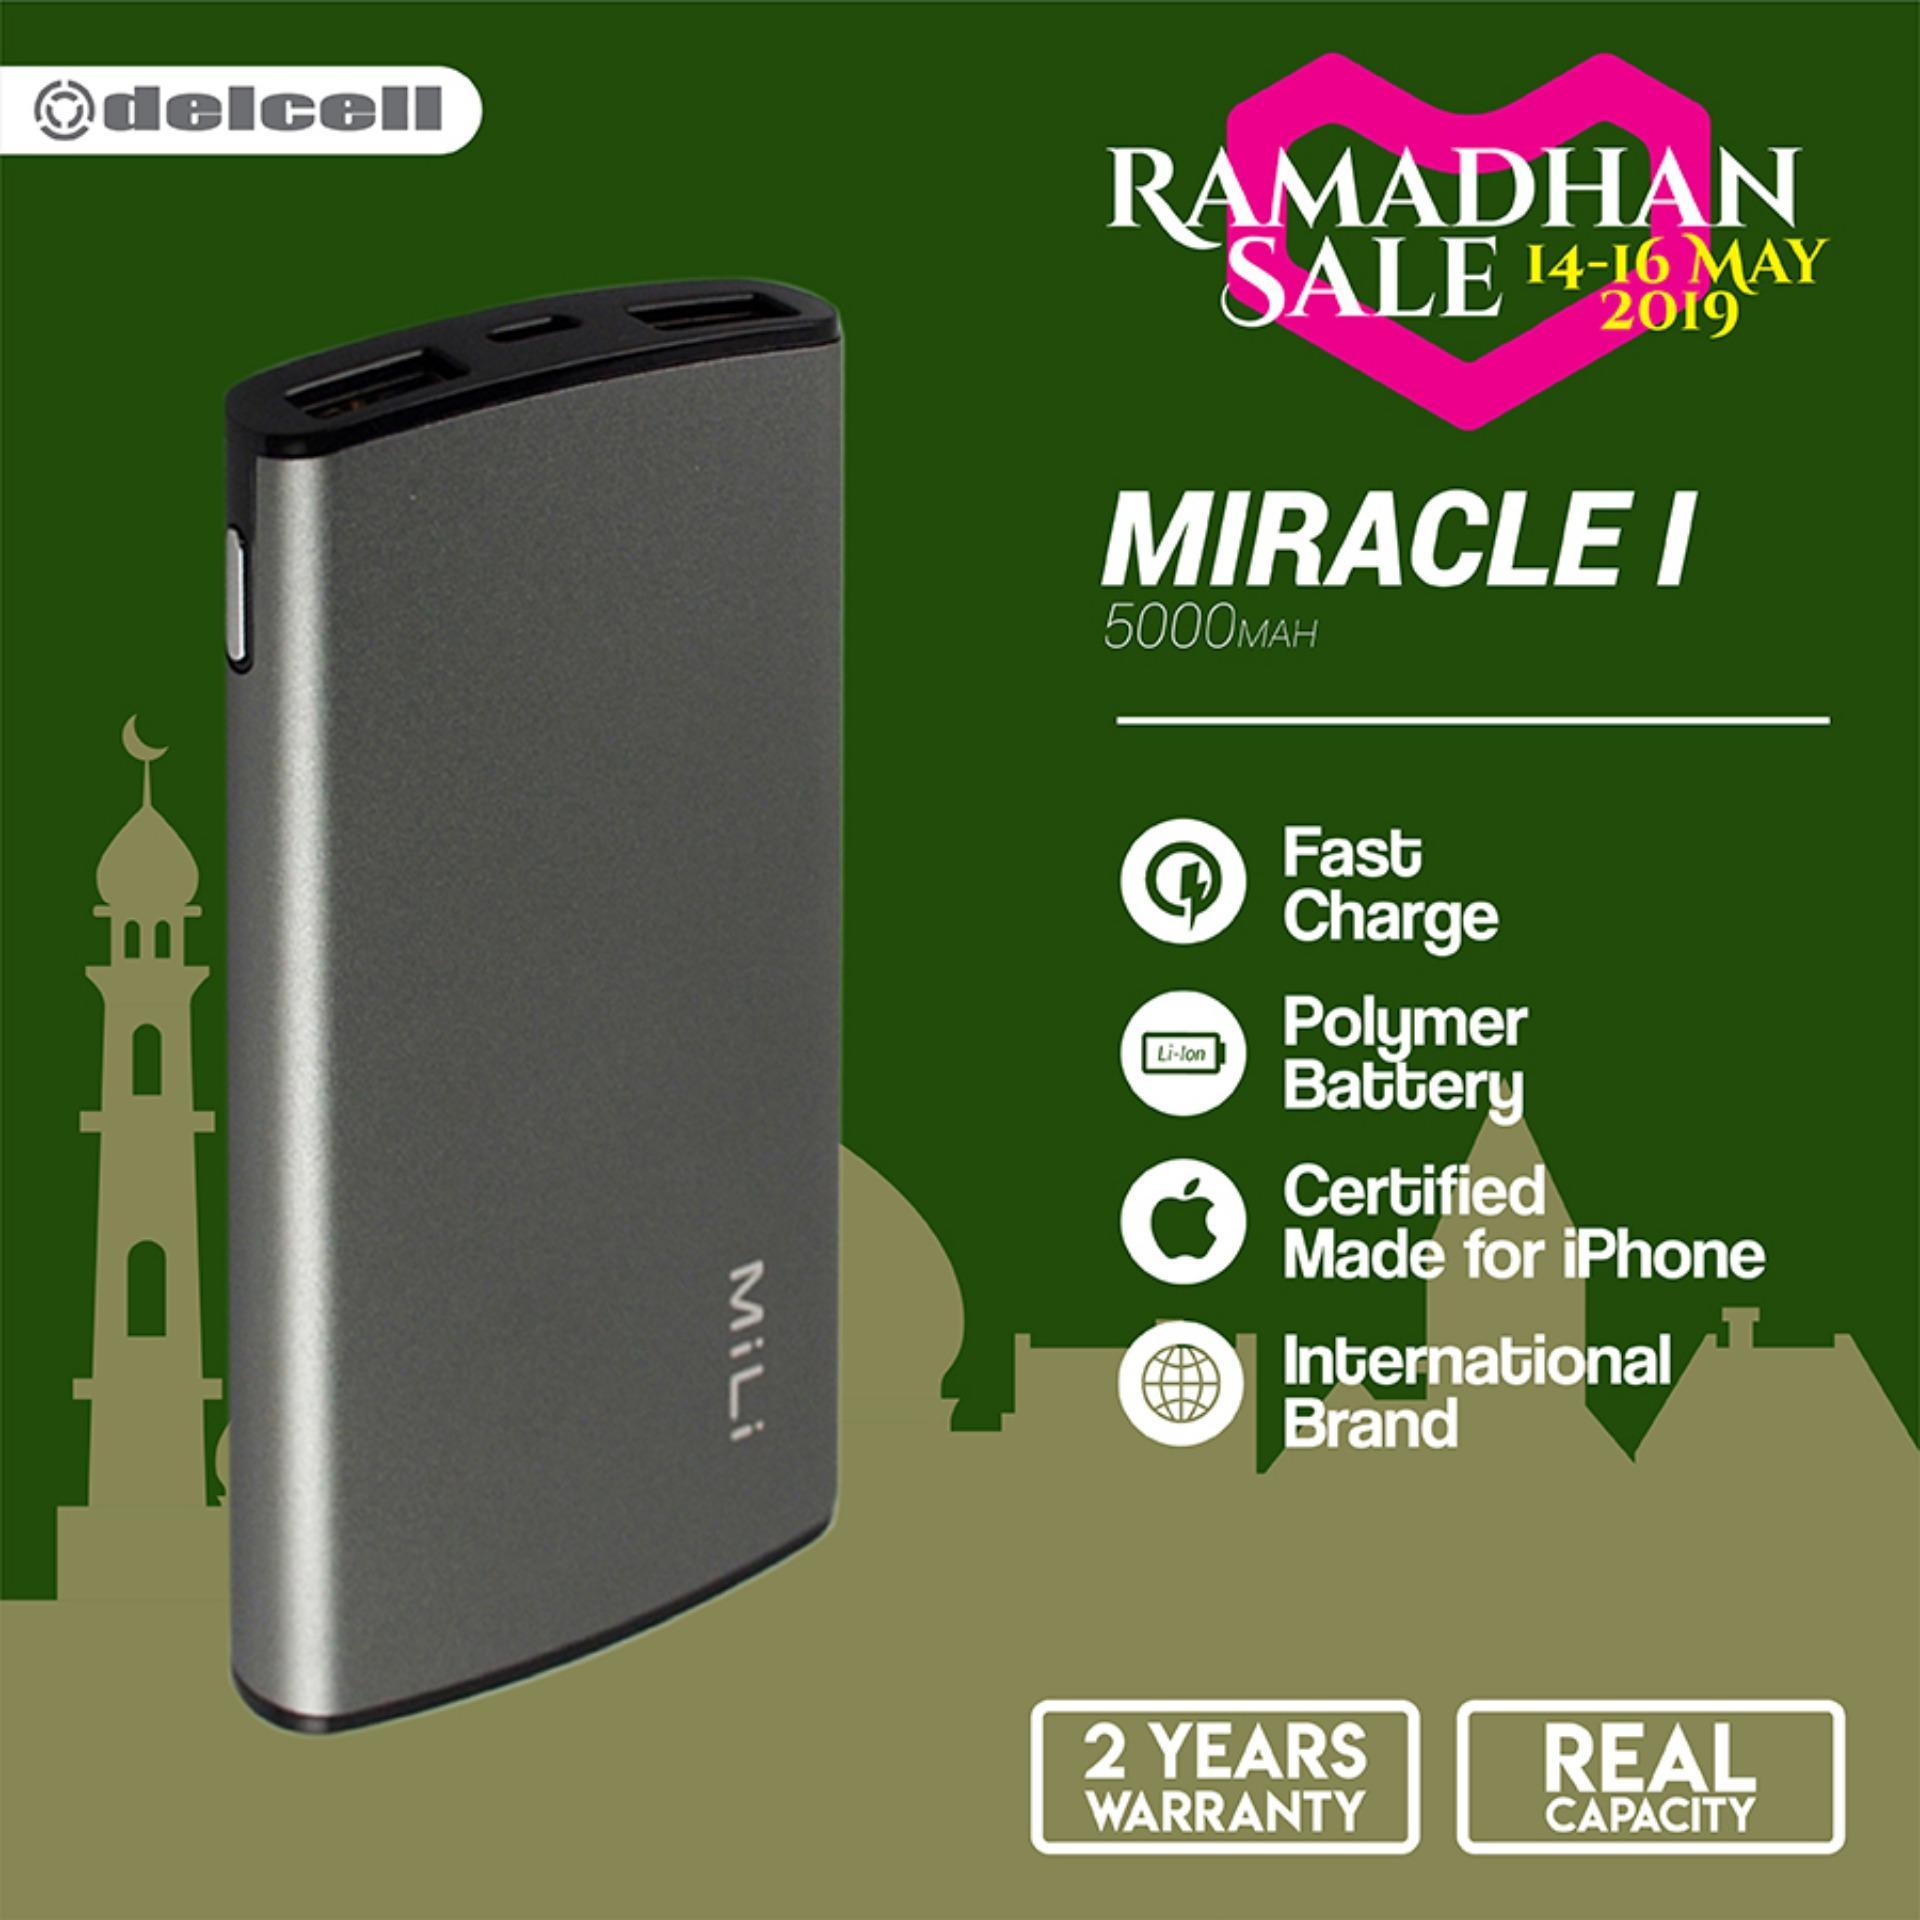 MiLI Power Miracle I Powerbank 5000mAh Real Capacity - Grey